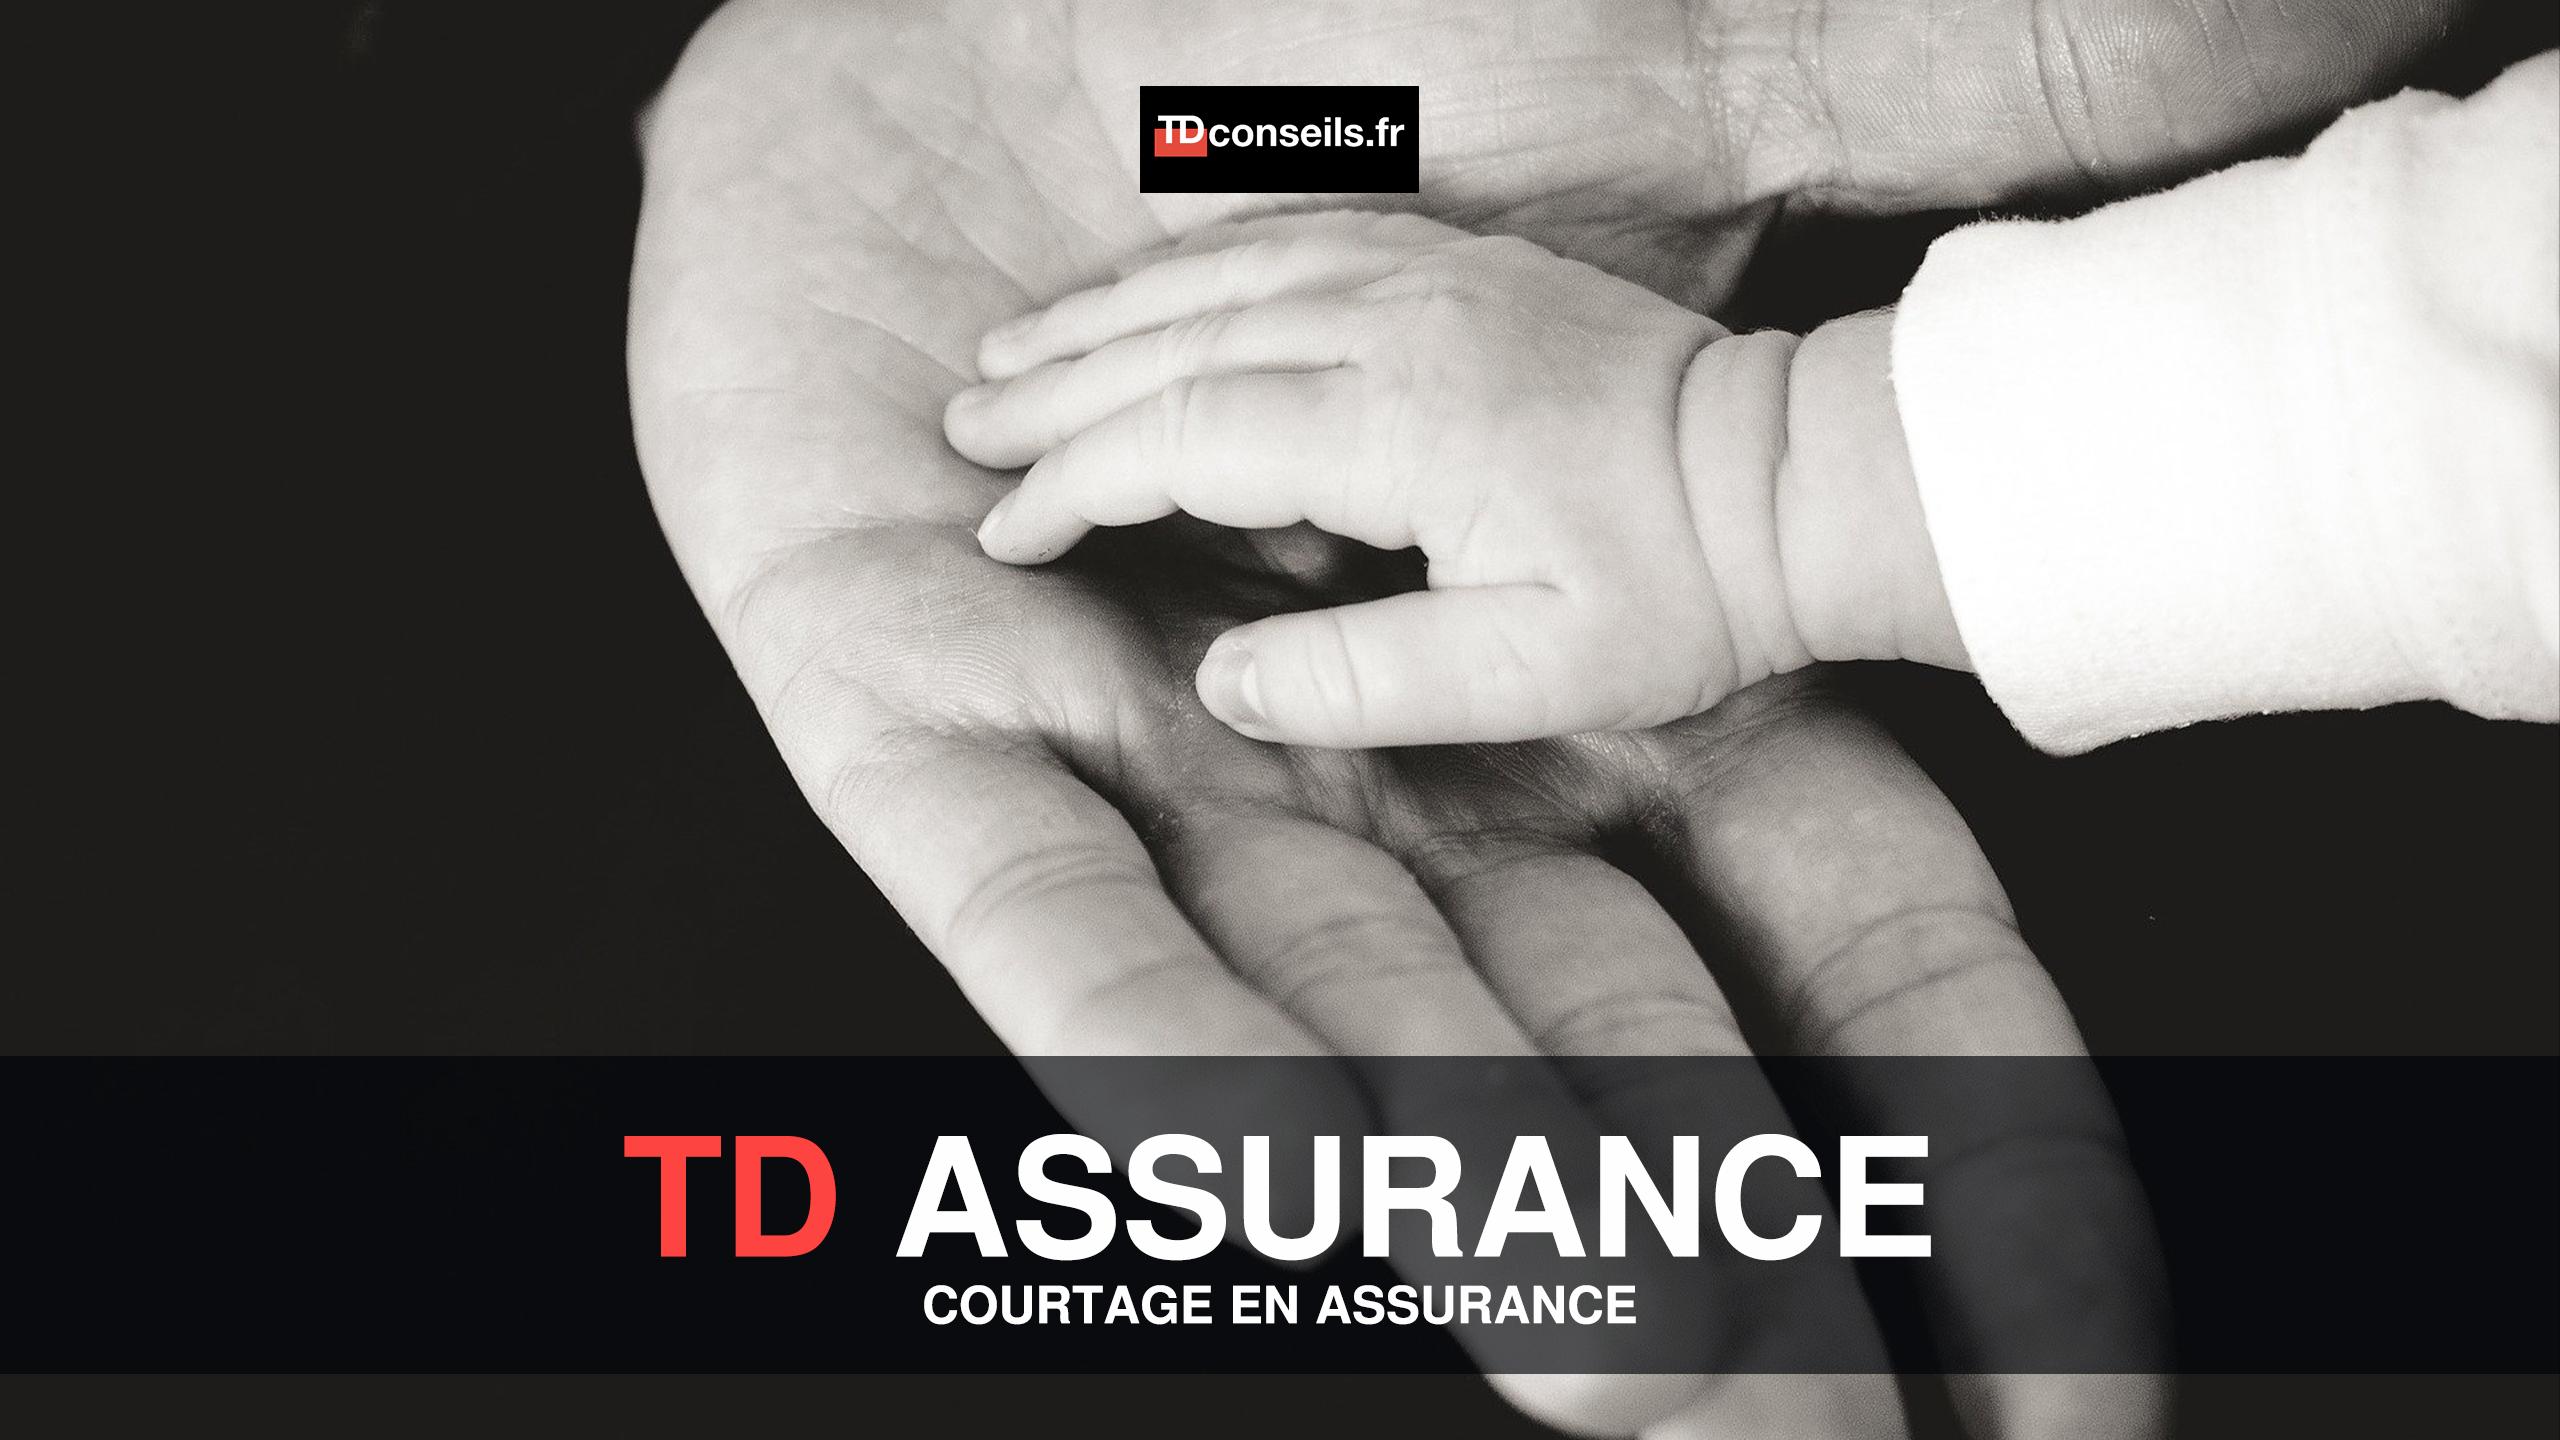 TD assurance